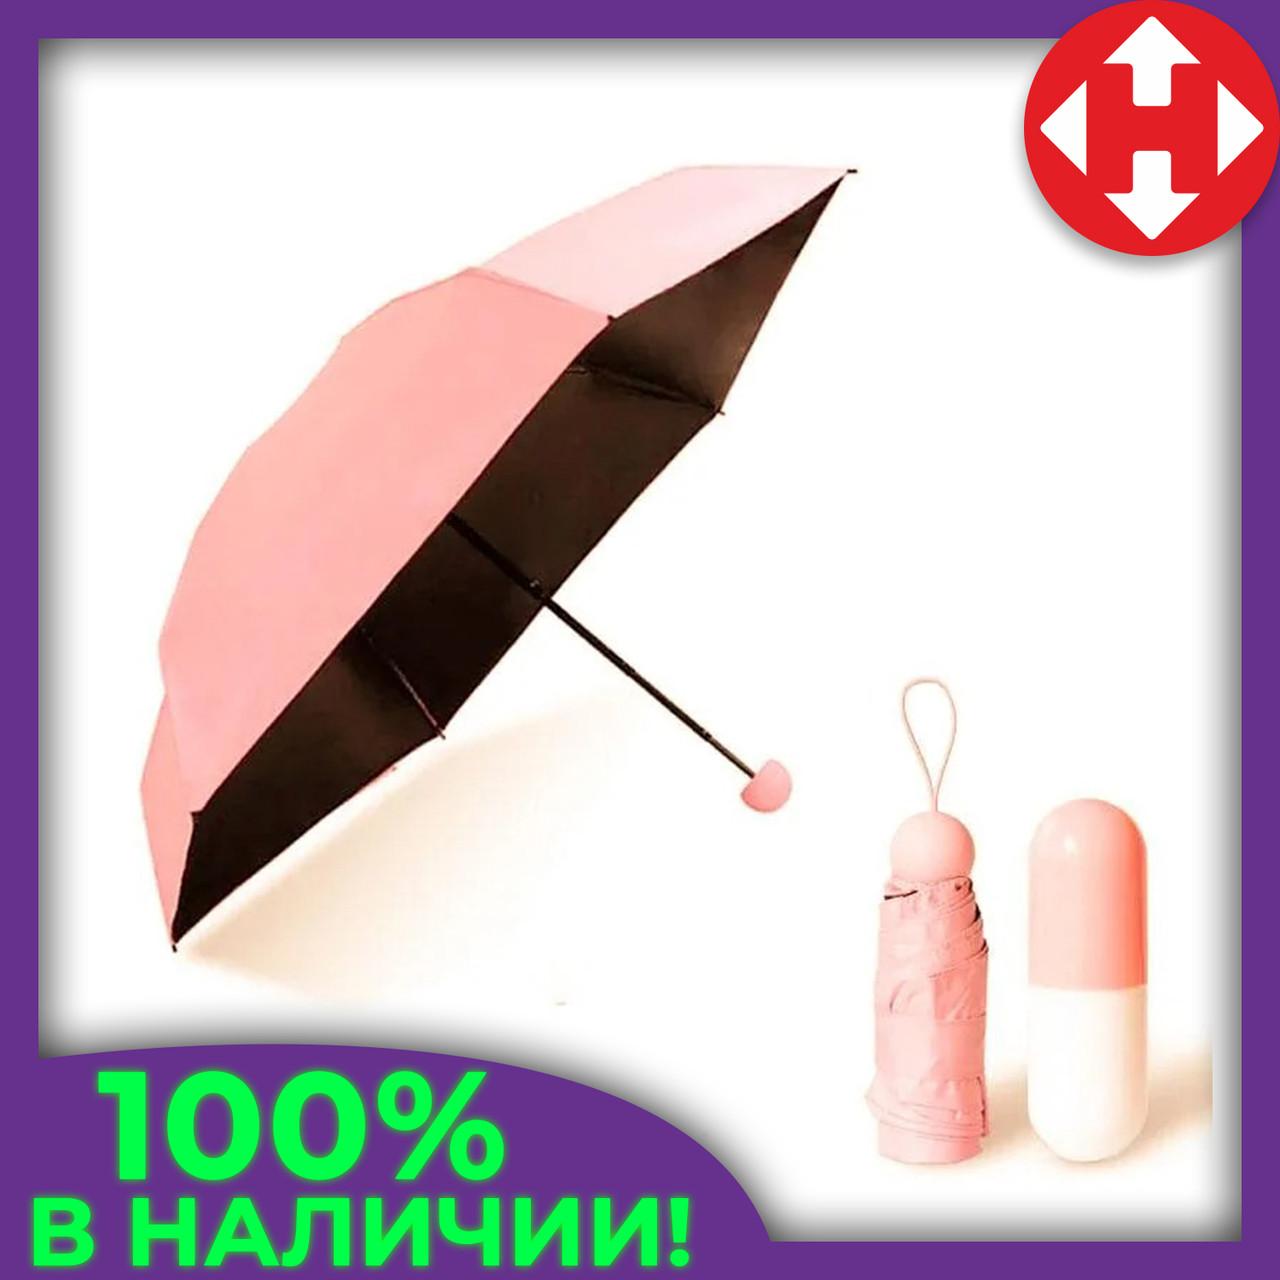 Детский зонтик капсула (Розовый) маленький карманный женский зонт от дождя - минизонт в капсуле - парасоля